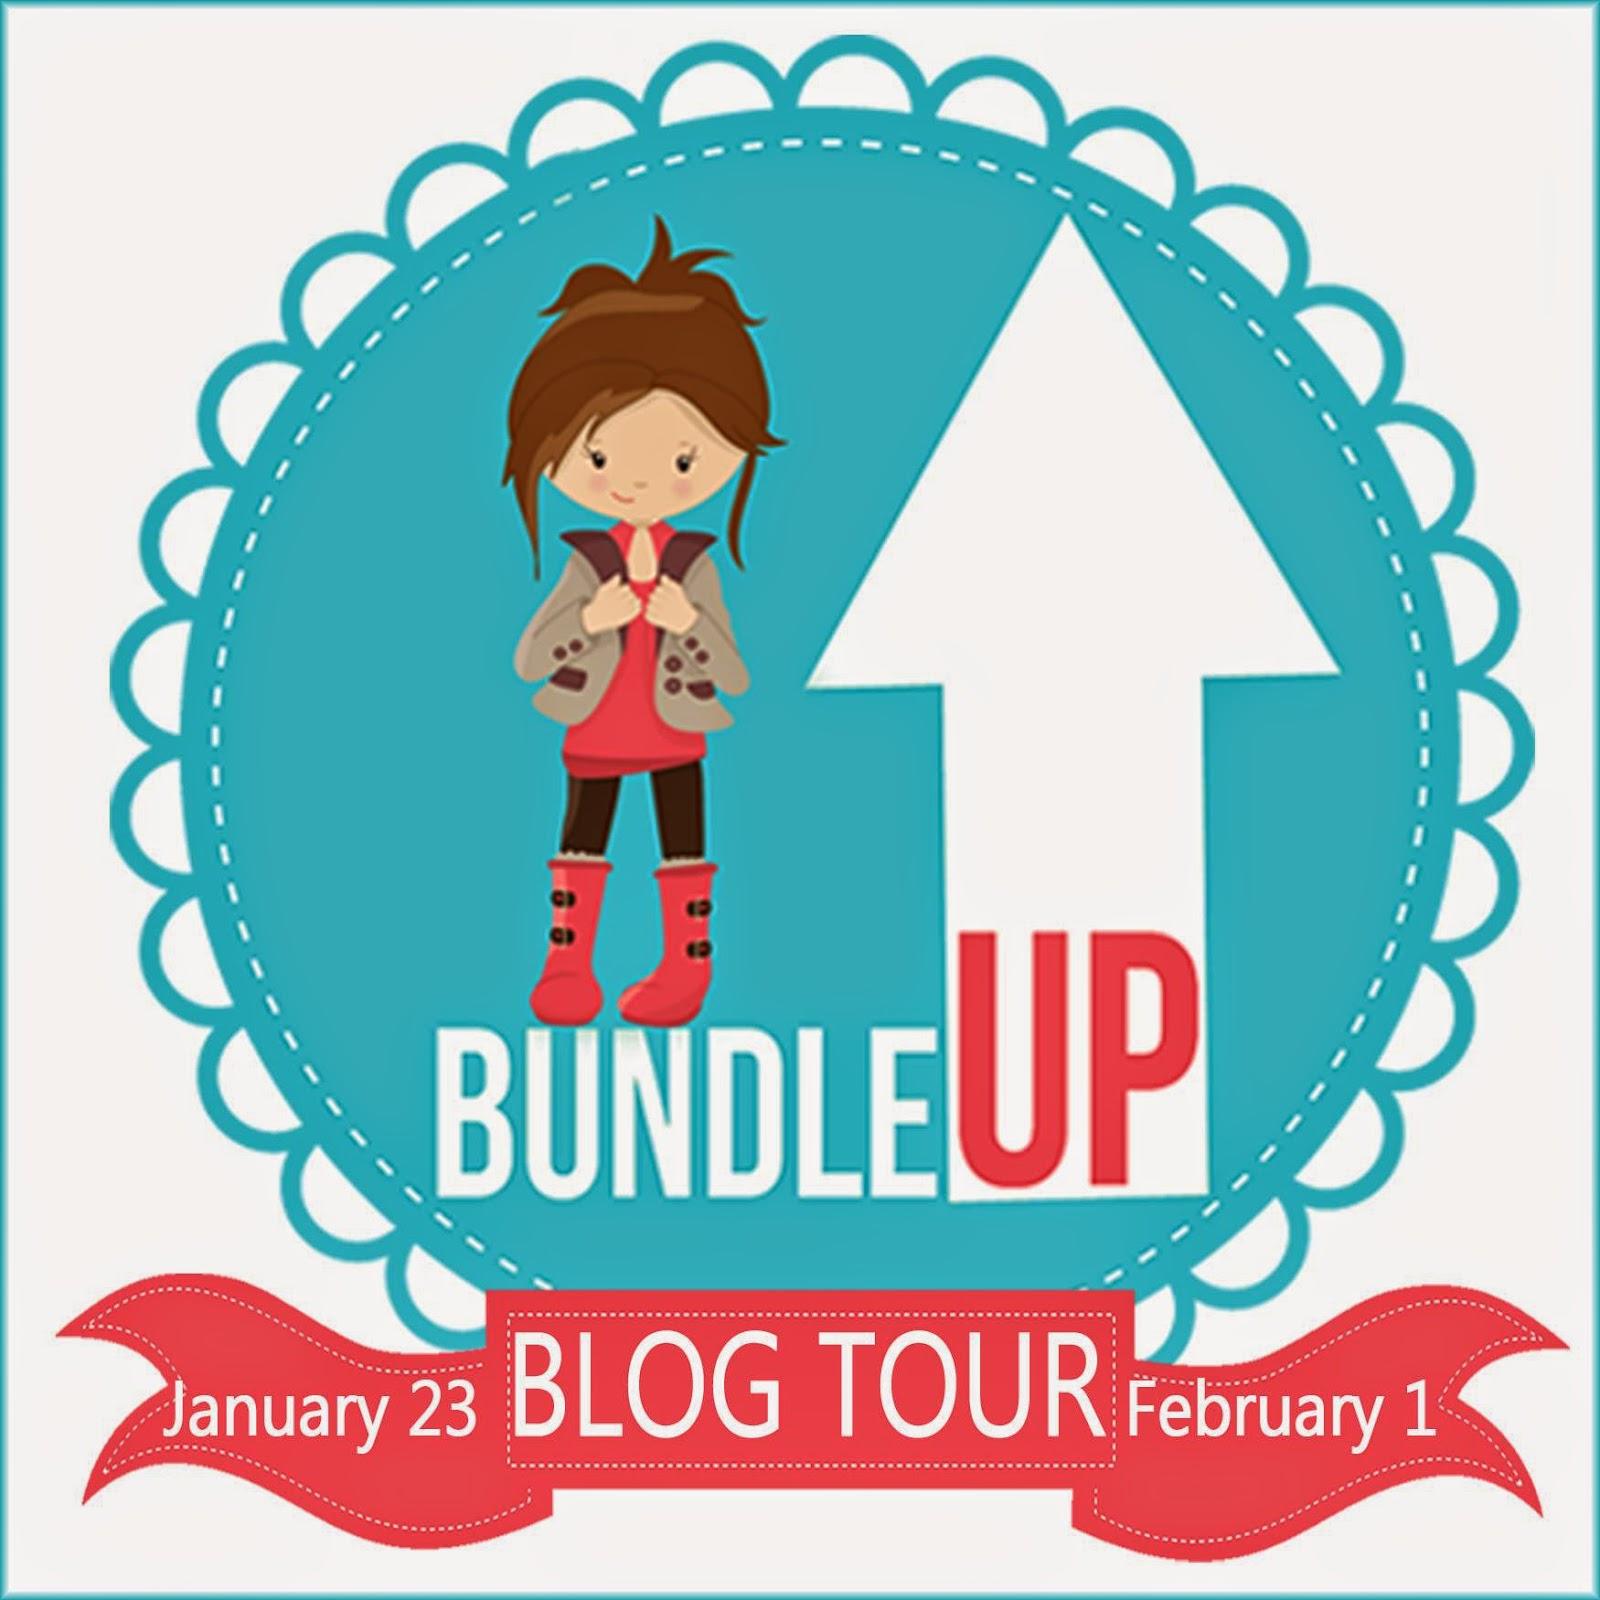 http://patternrevolution.com/blog/2015/1/19/bundle-up-girls-blog-tour